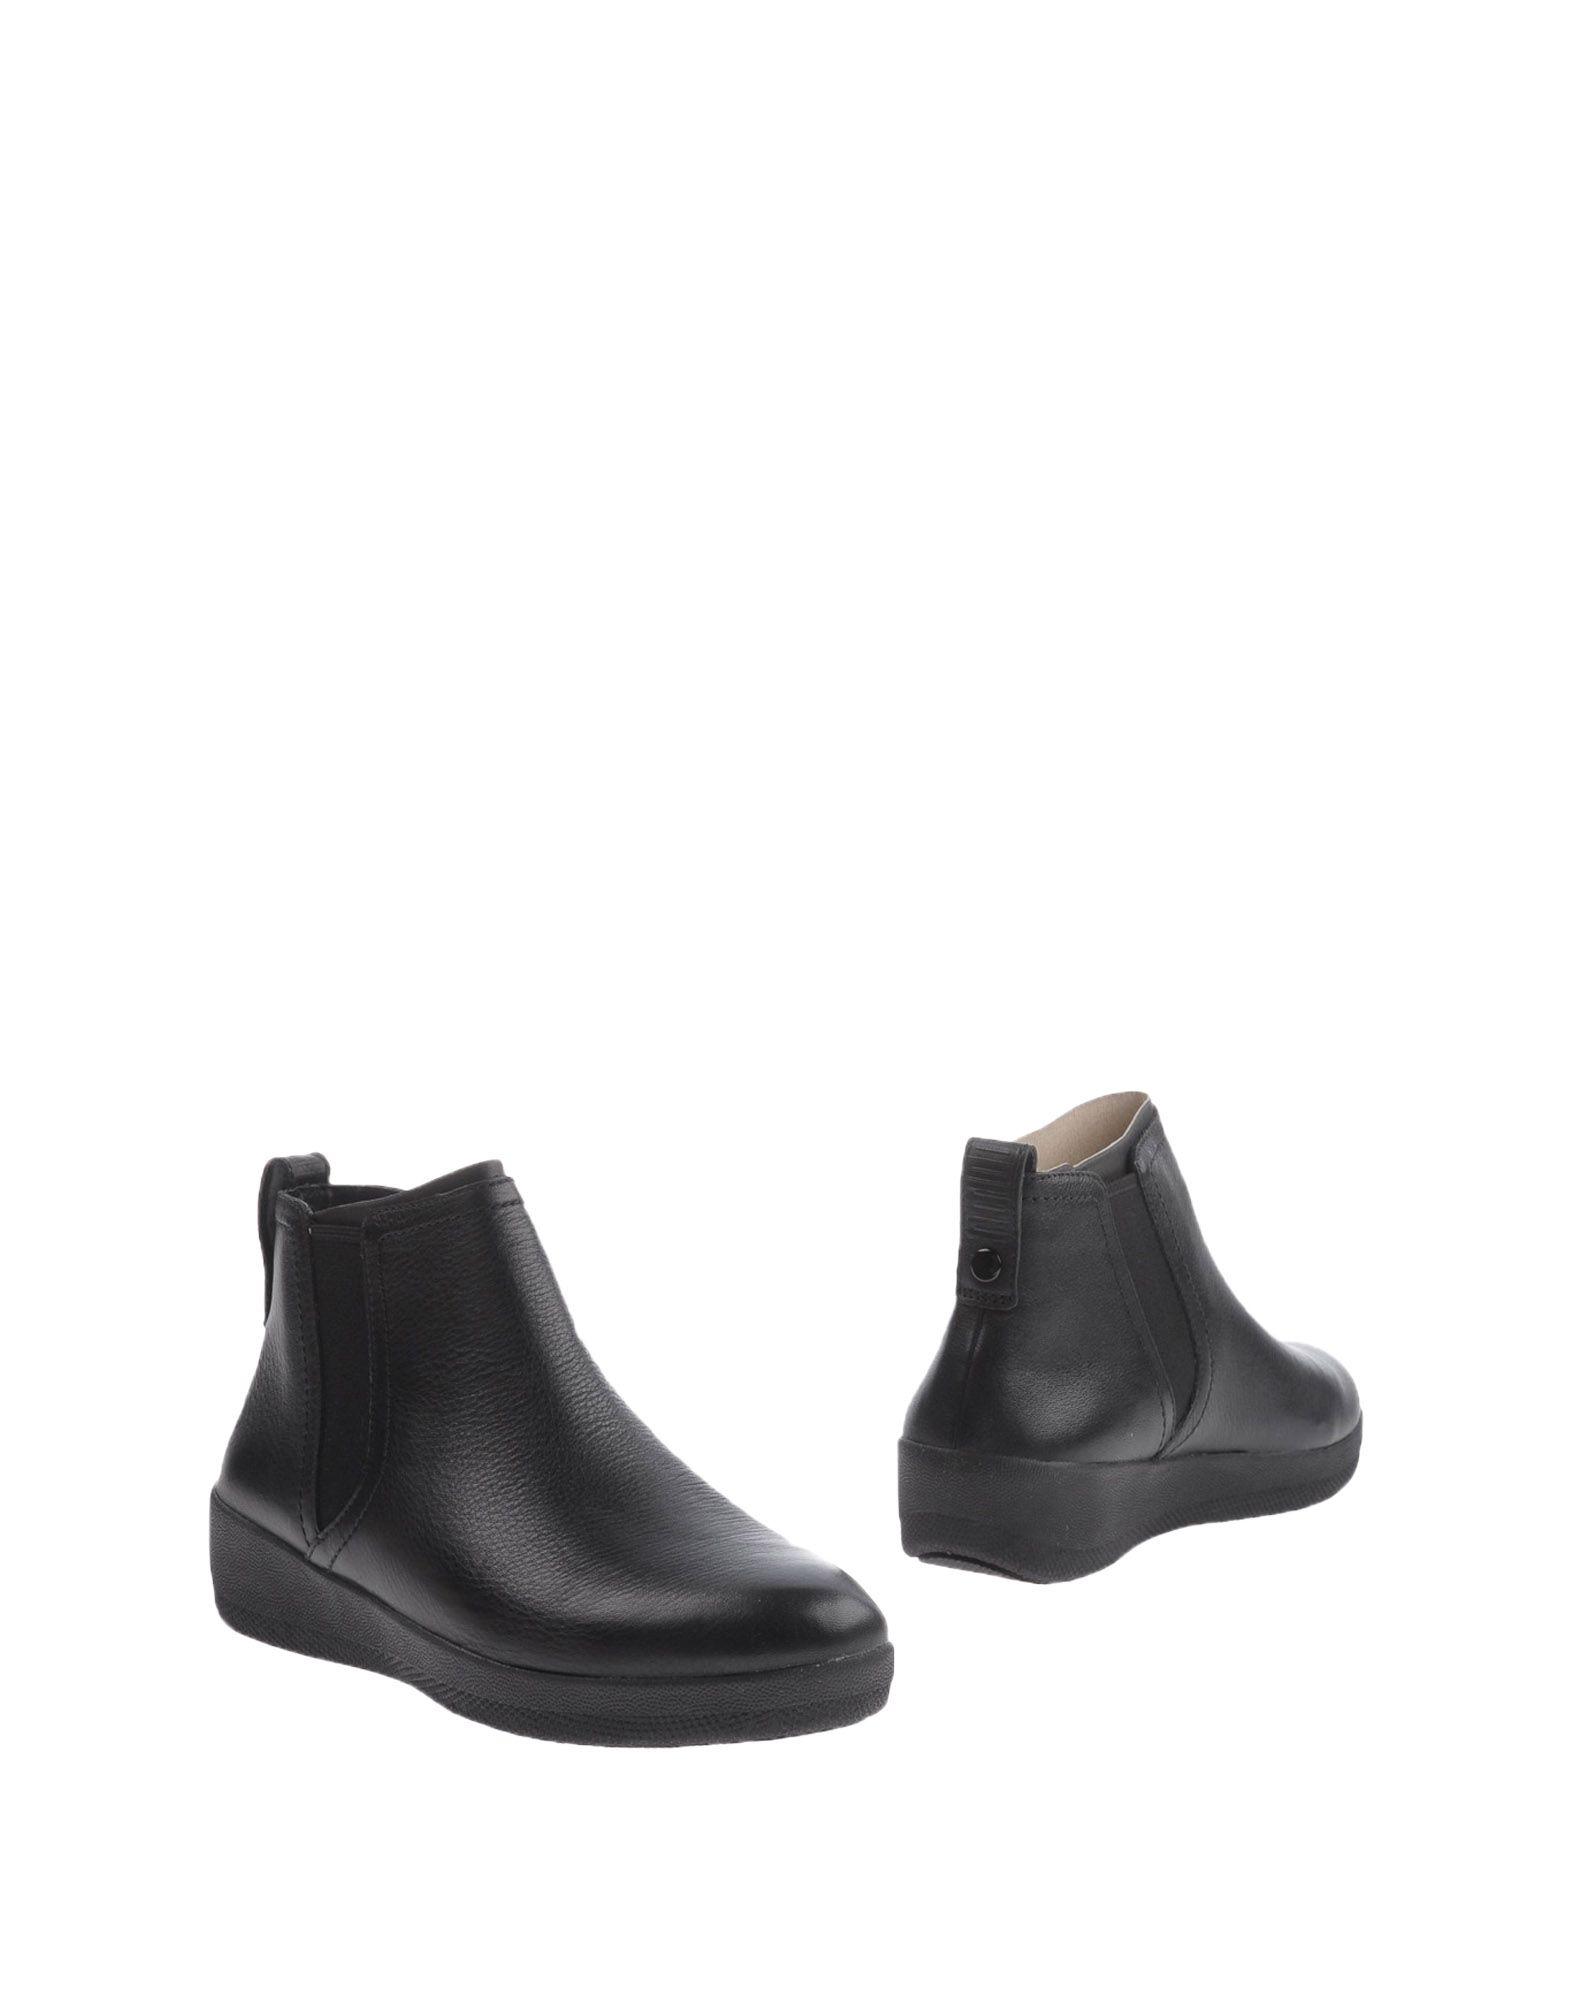 Fitflop Chelsea Boots Damen  11219802XV Gute Qualität beliebte beliebte Qualität Schuhe 2e99bb